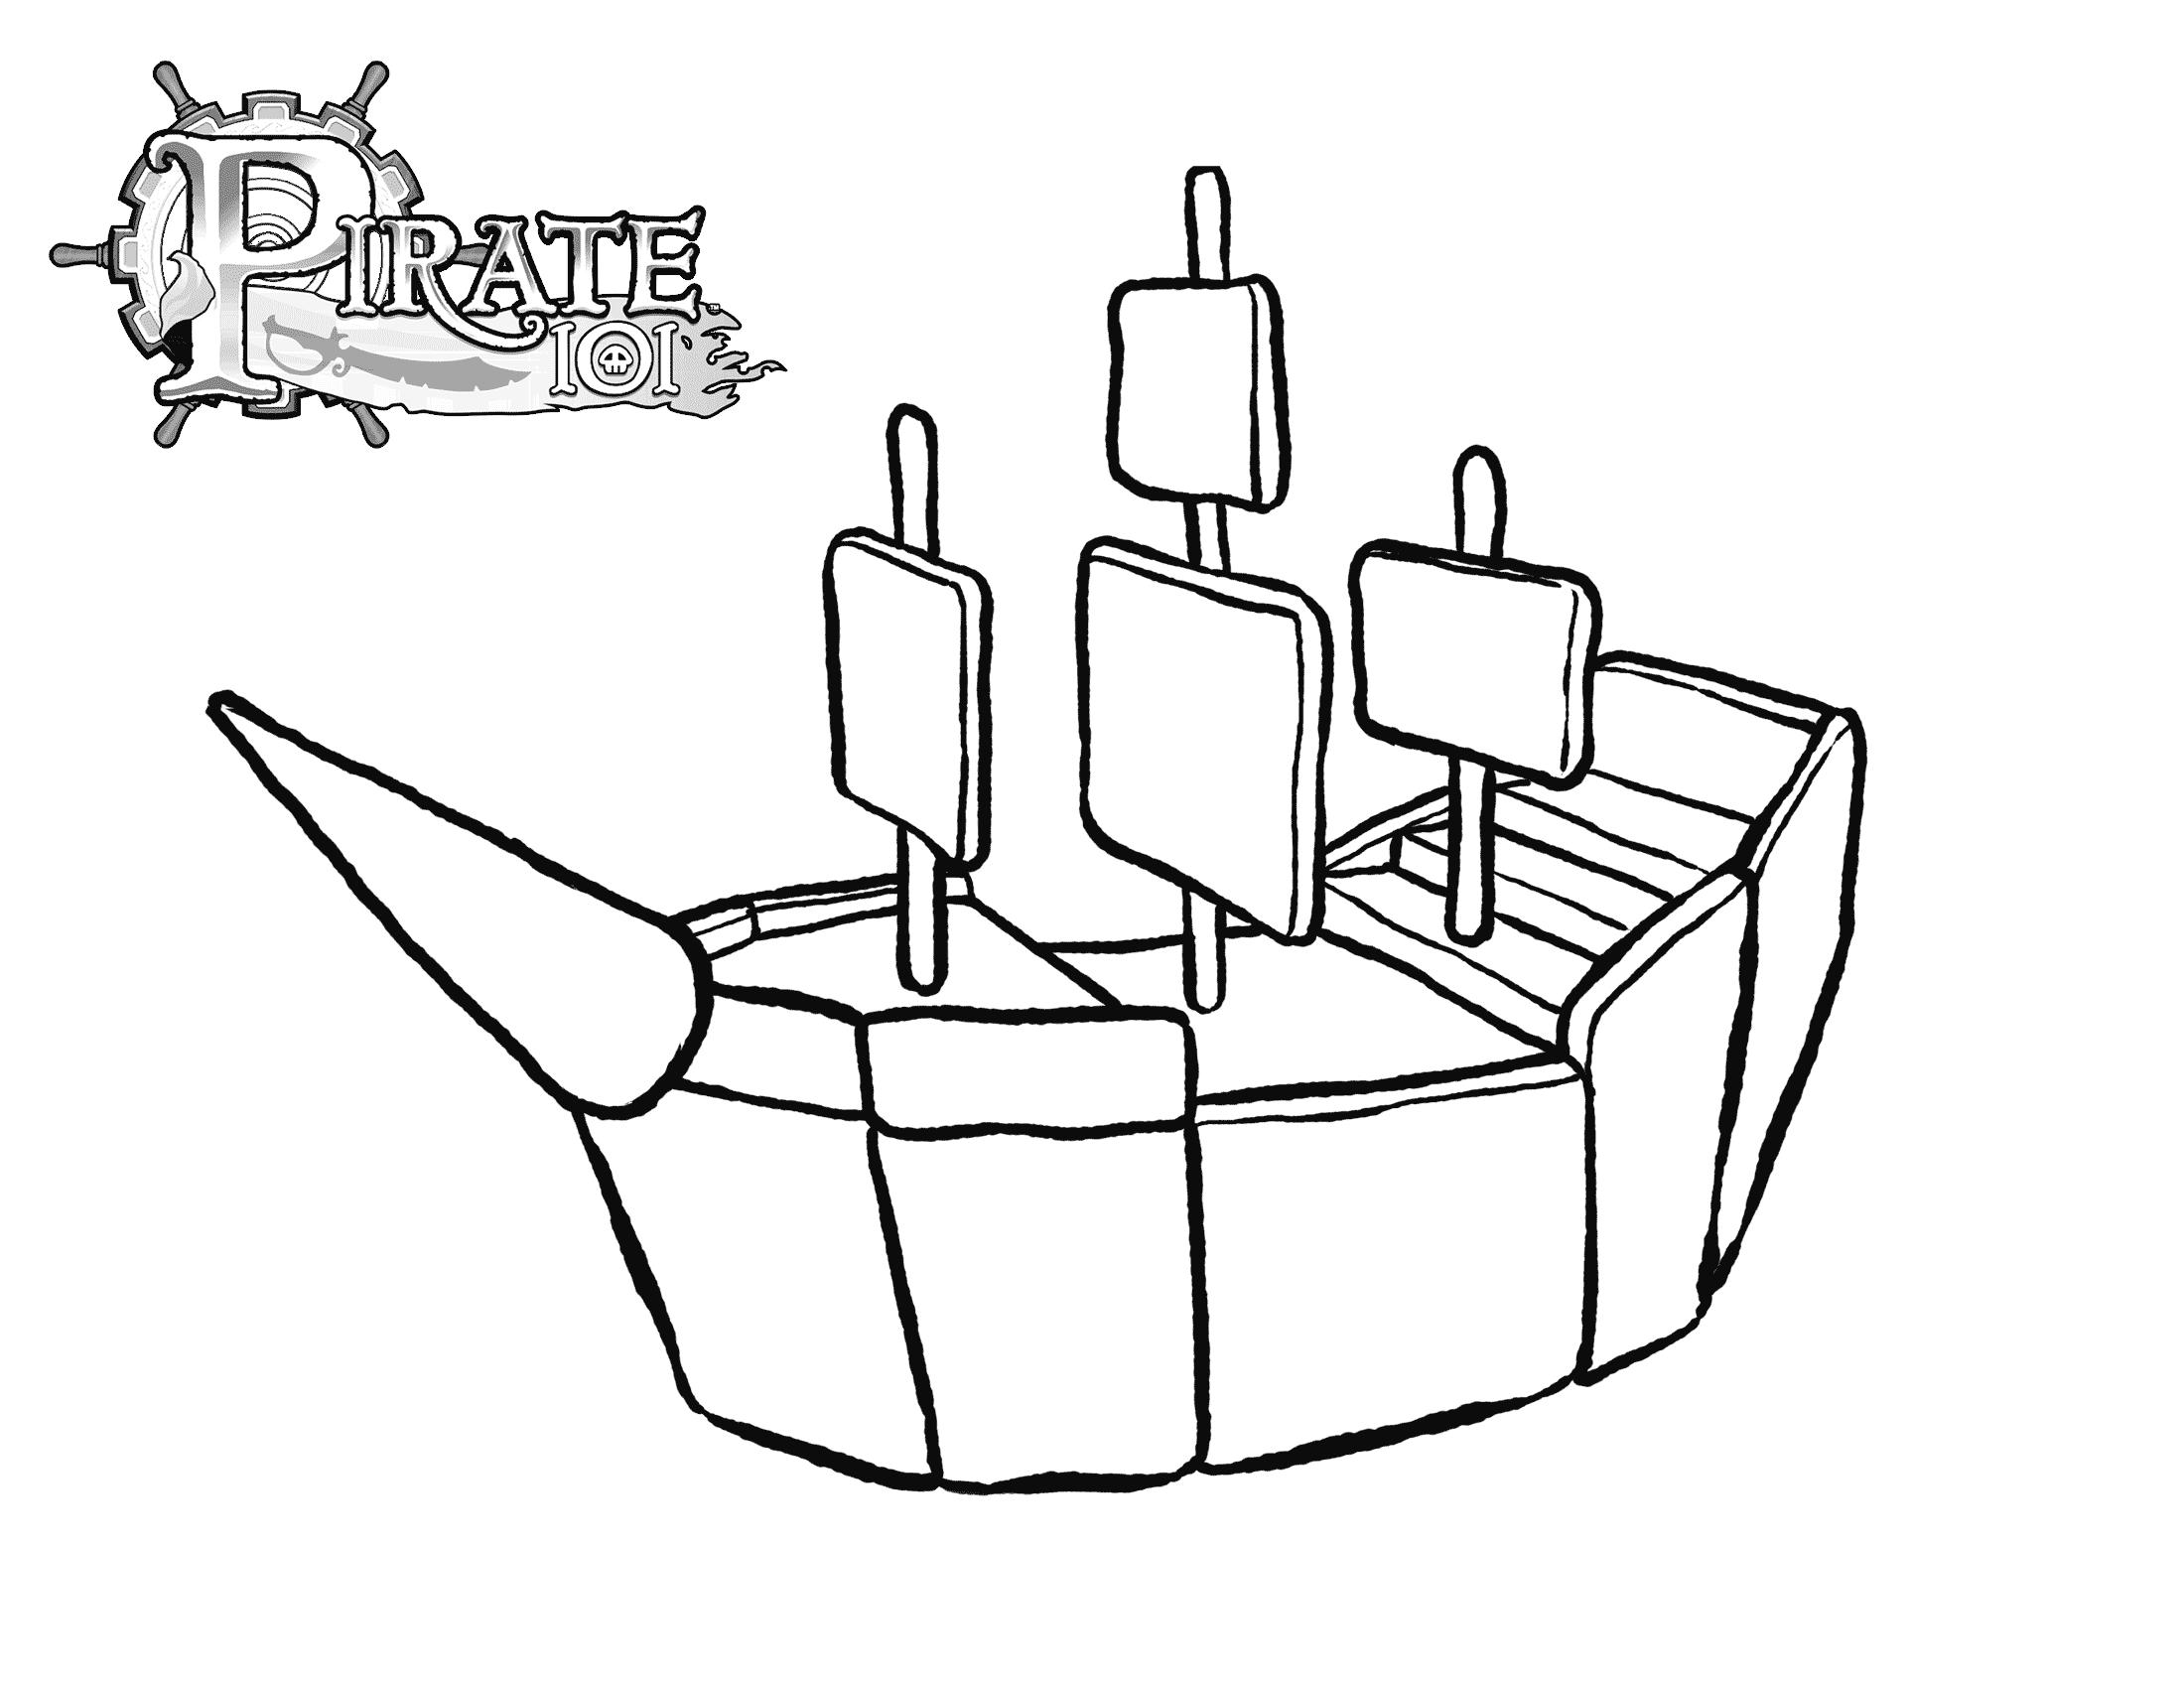 pirate ship template printable pirate skull and sword coloring page coloring pages template pirate ship printable